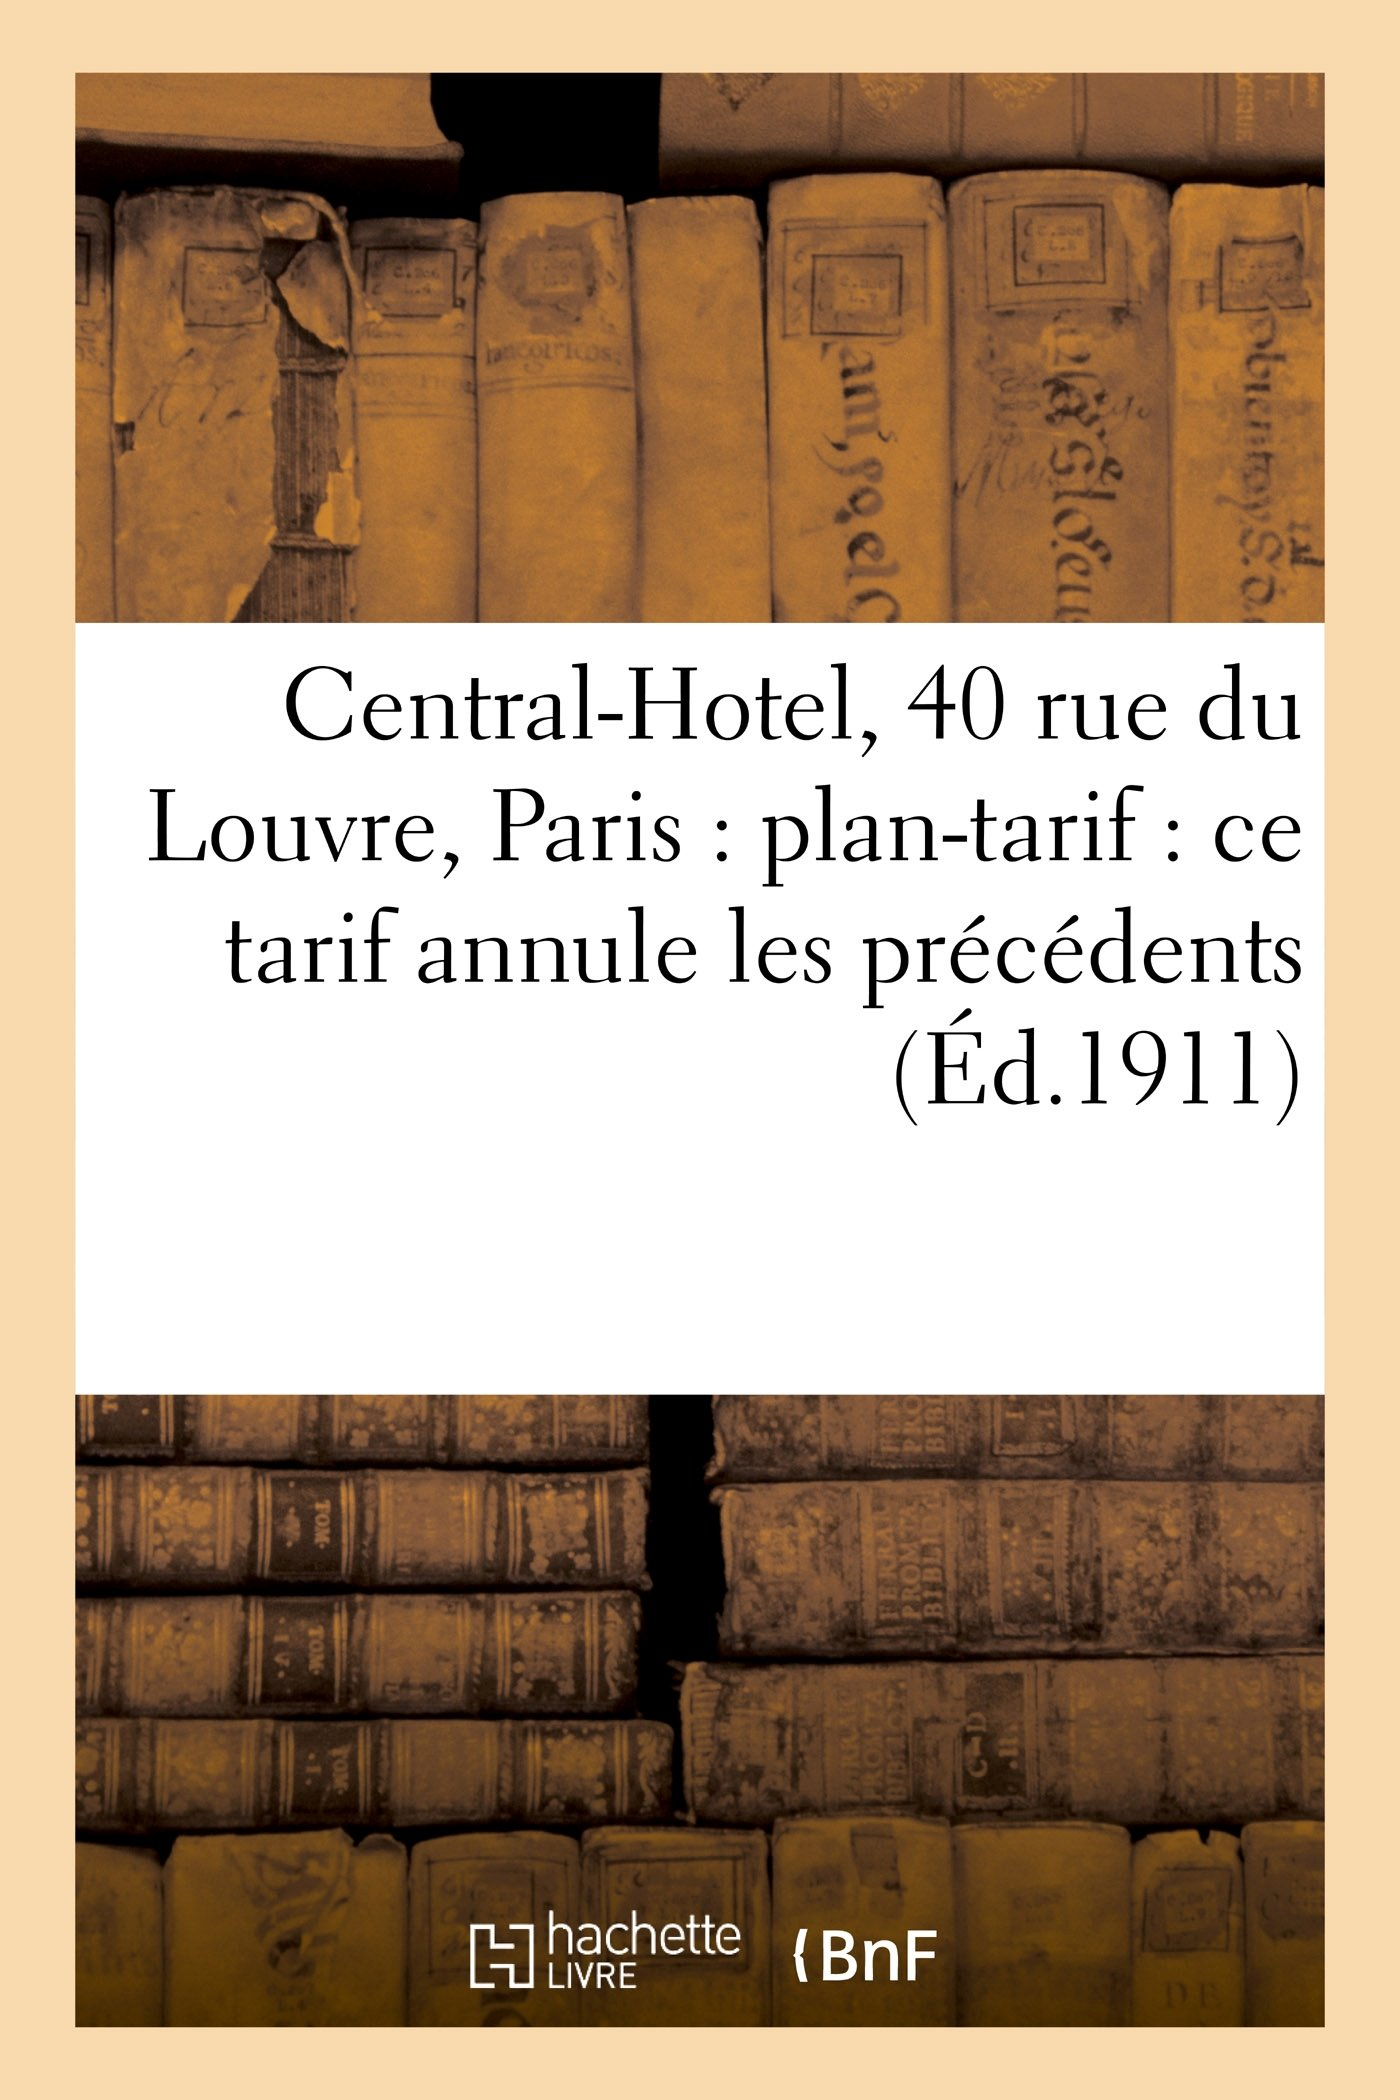 Central-Hotel, 40 rue du Louvre, Paris: plan-tarif : ce